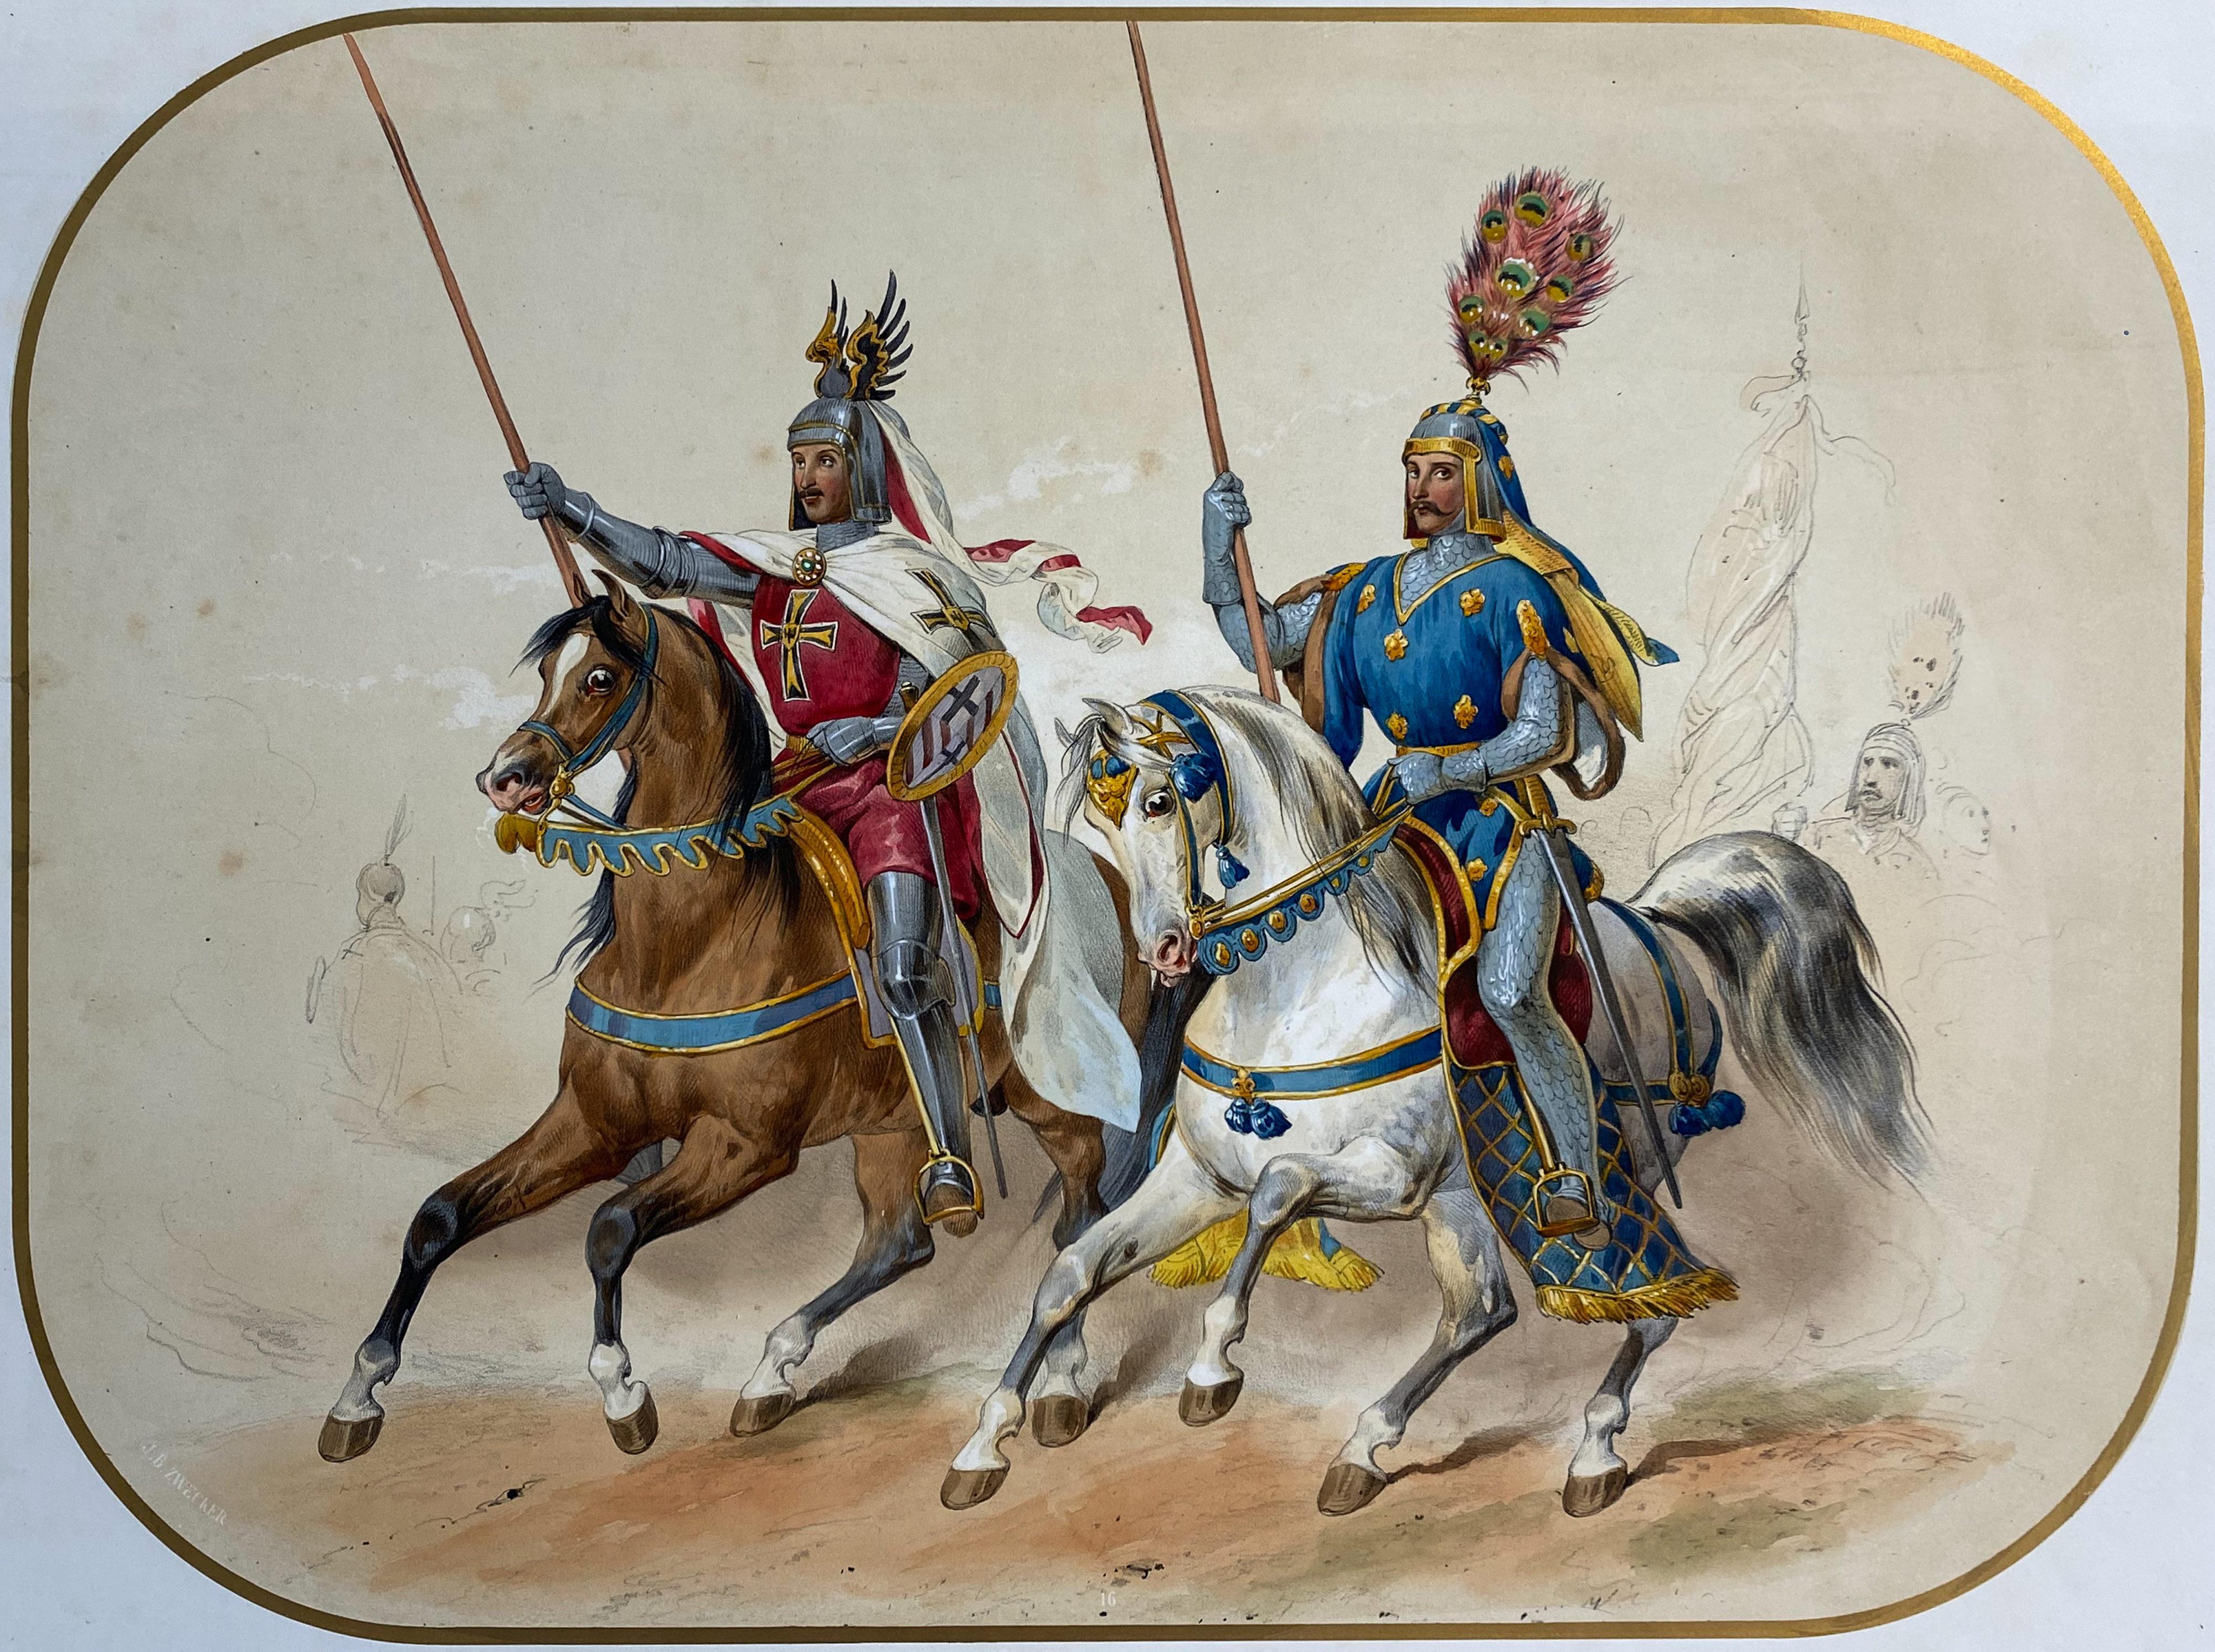 Reiterfest/Caroussel: Einzug weiterer Ritter – Ellrichshausen und Valois